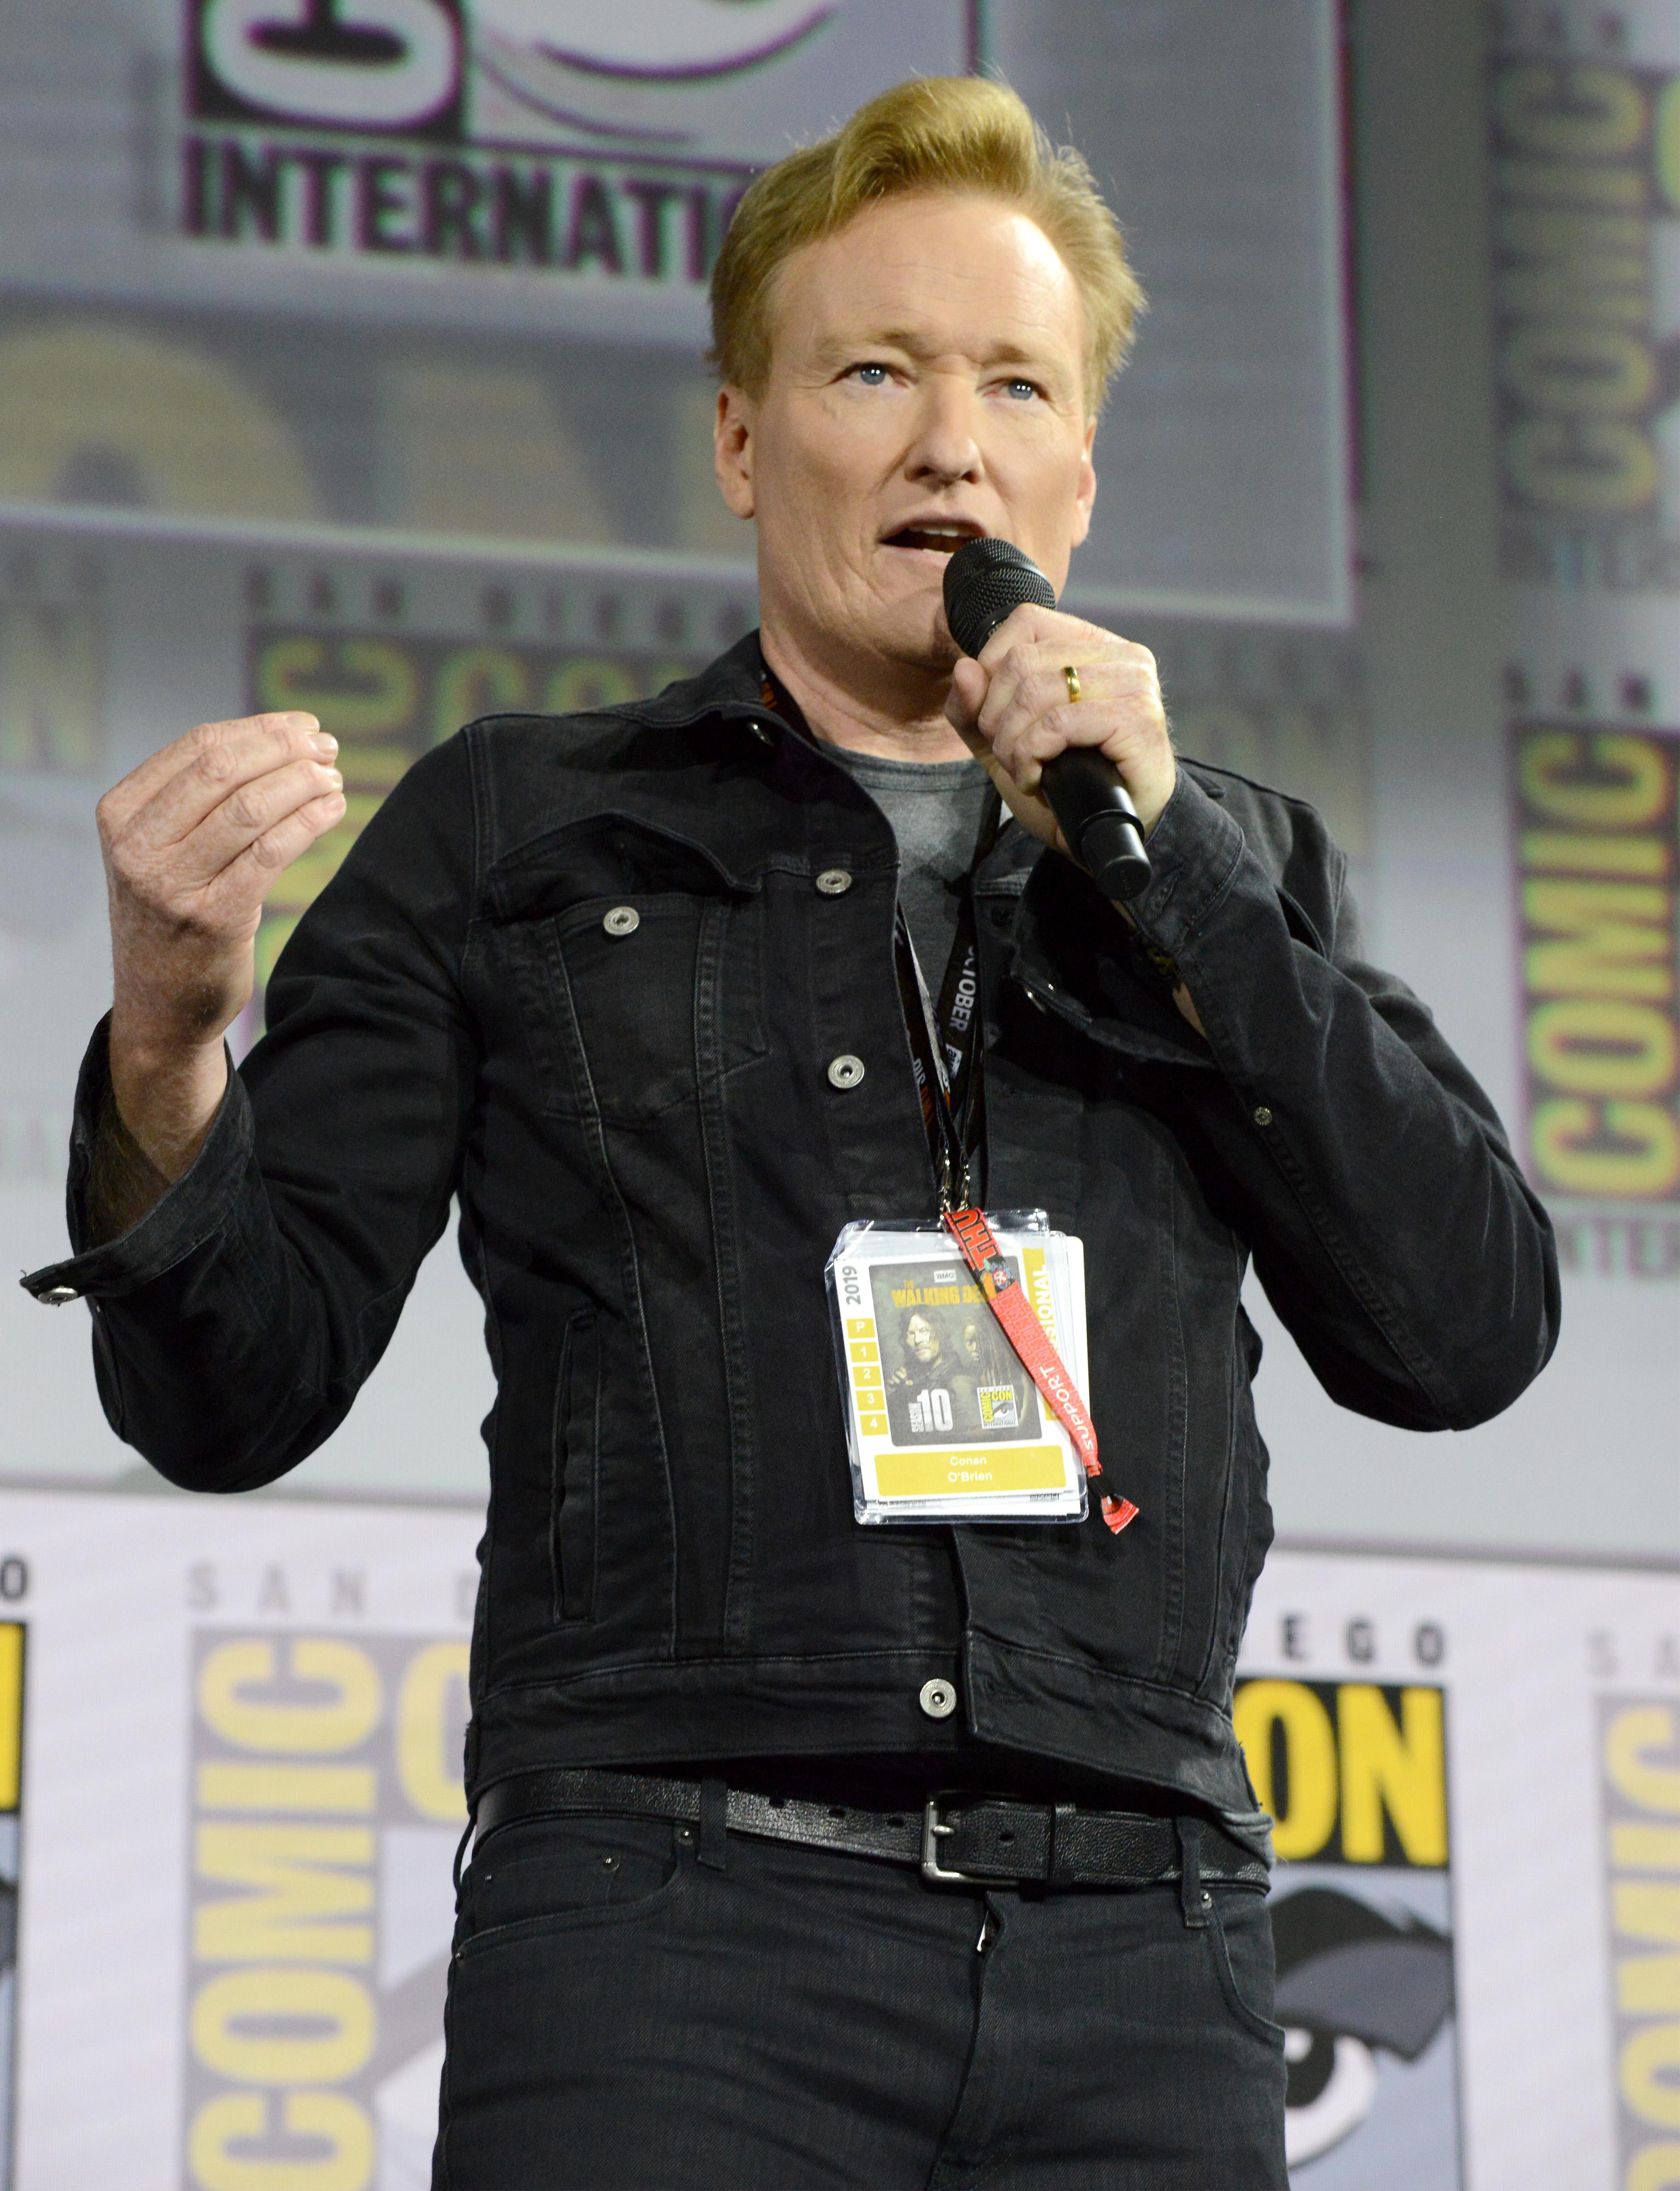 Conan O'Brien at an event for Top Gun: Maverick (2021)